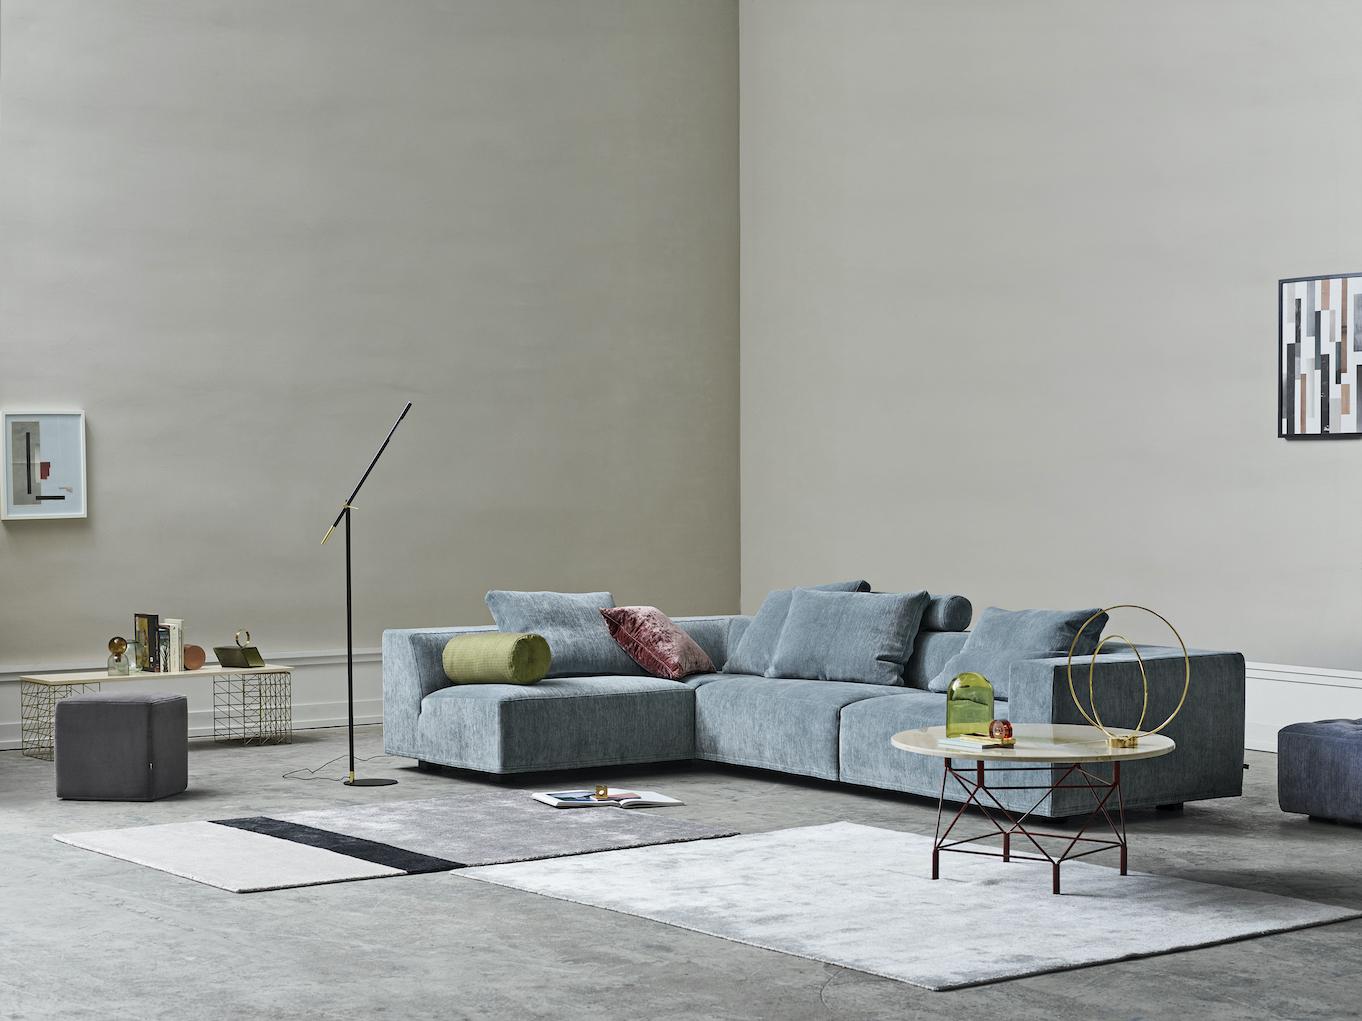 Baseline sofa